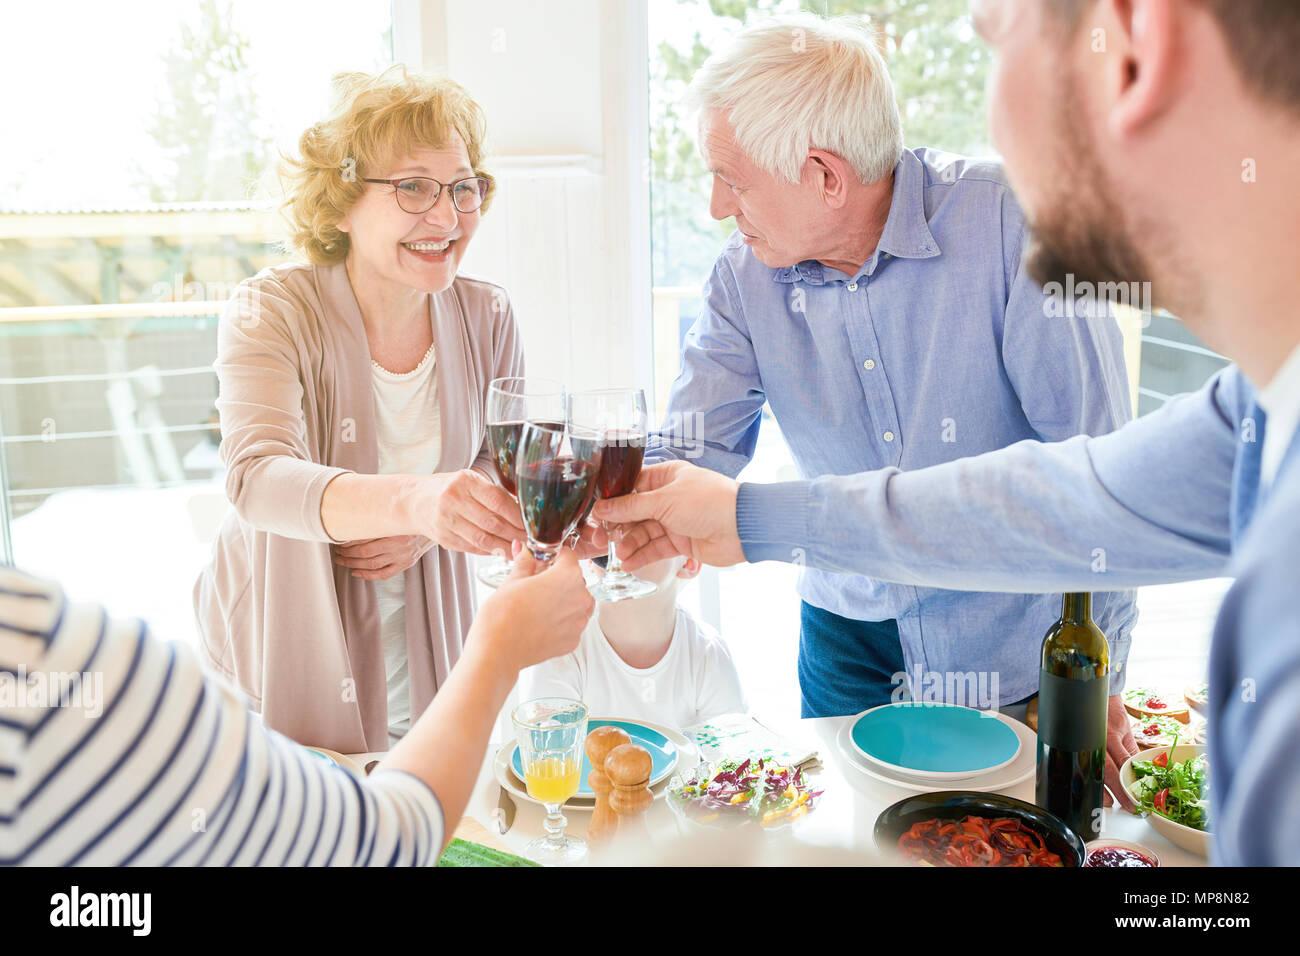 Grandparents Enjoying Family Celebration - Stock Image